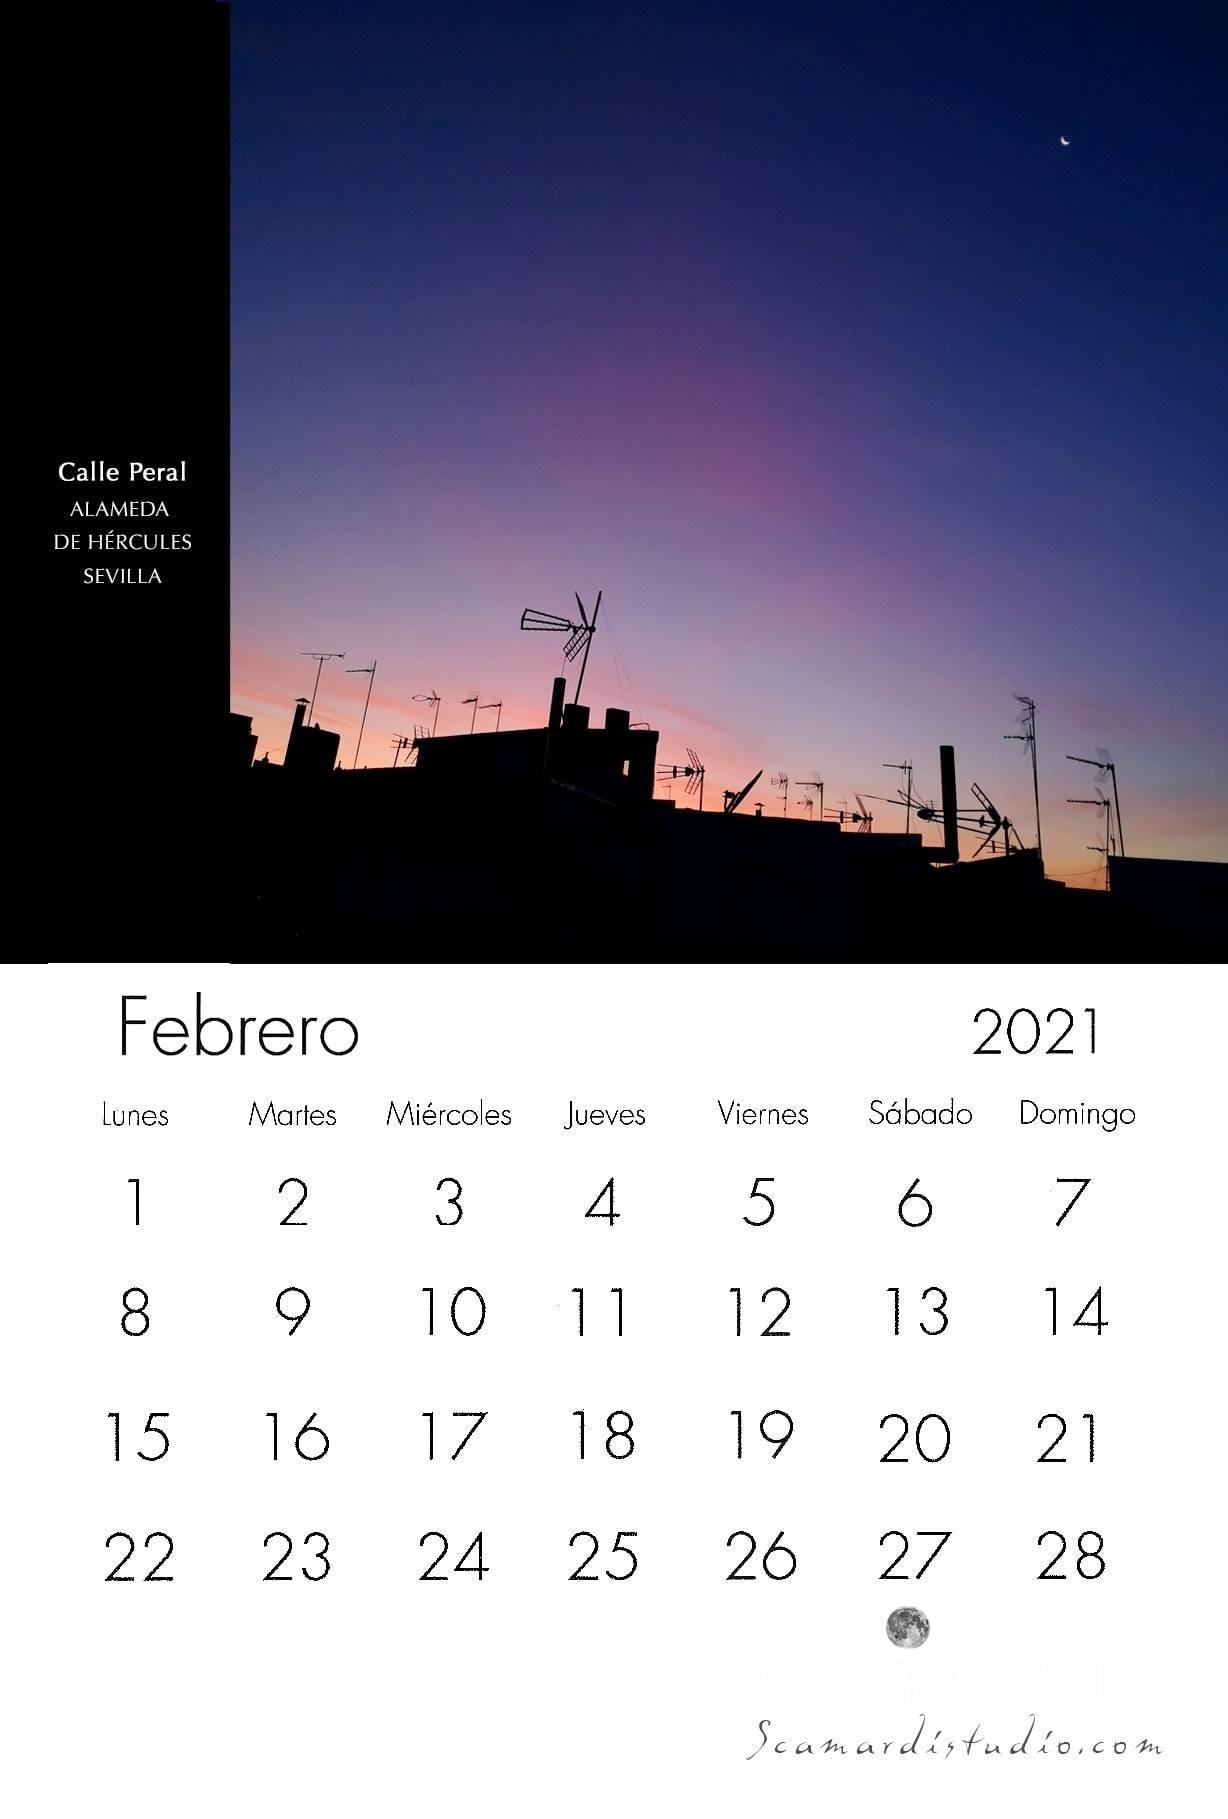 scamardiphoto-callendario-calle-peral-alameda-hercules-seville